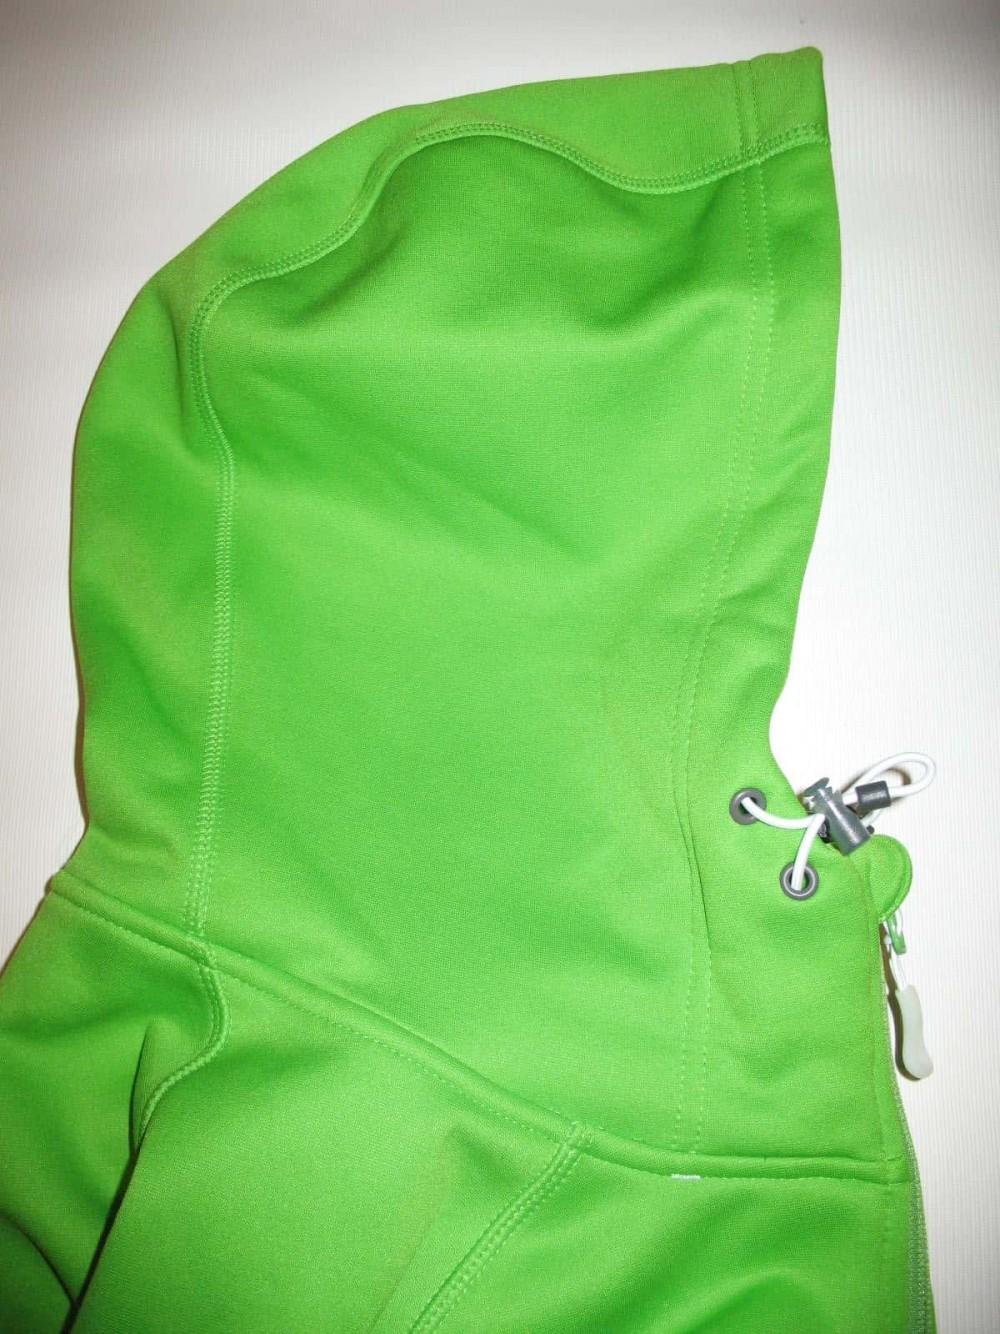 Кофта SALOMON actitherm fleece hoodies (размер XXL) - 4